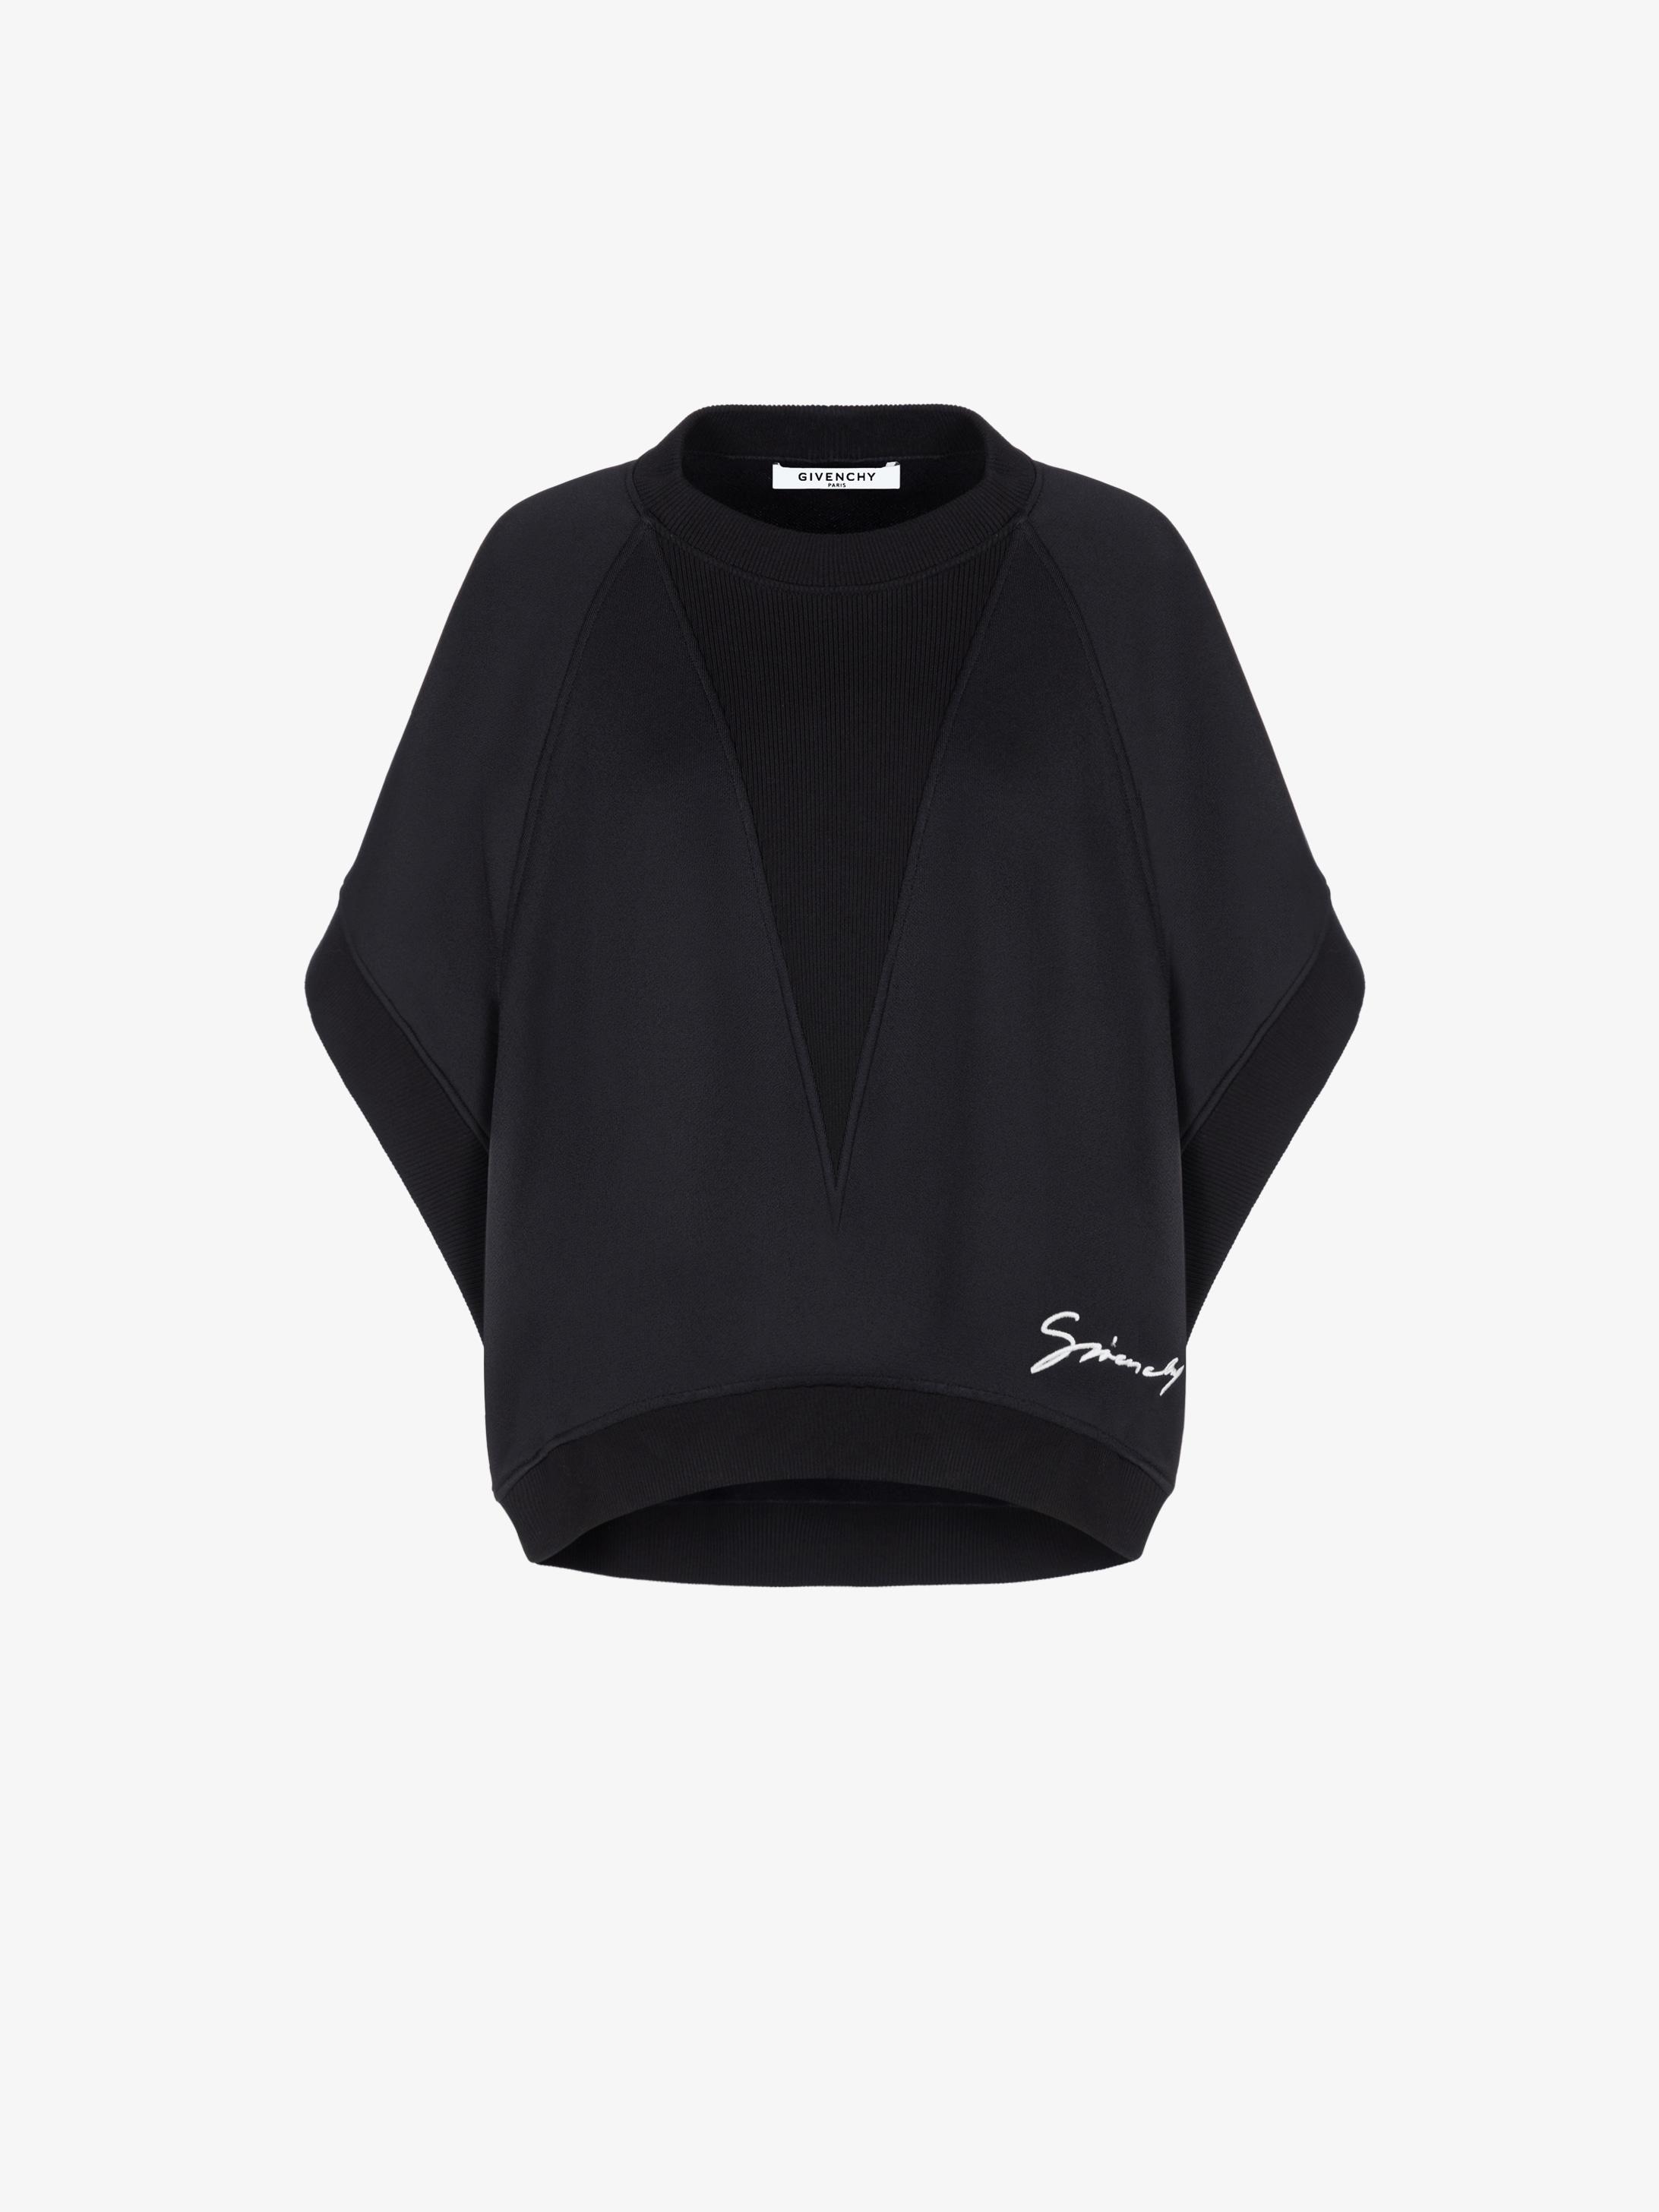 GIVENCHY short sleeves oversized sweatshirt